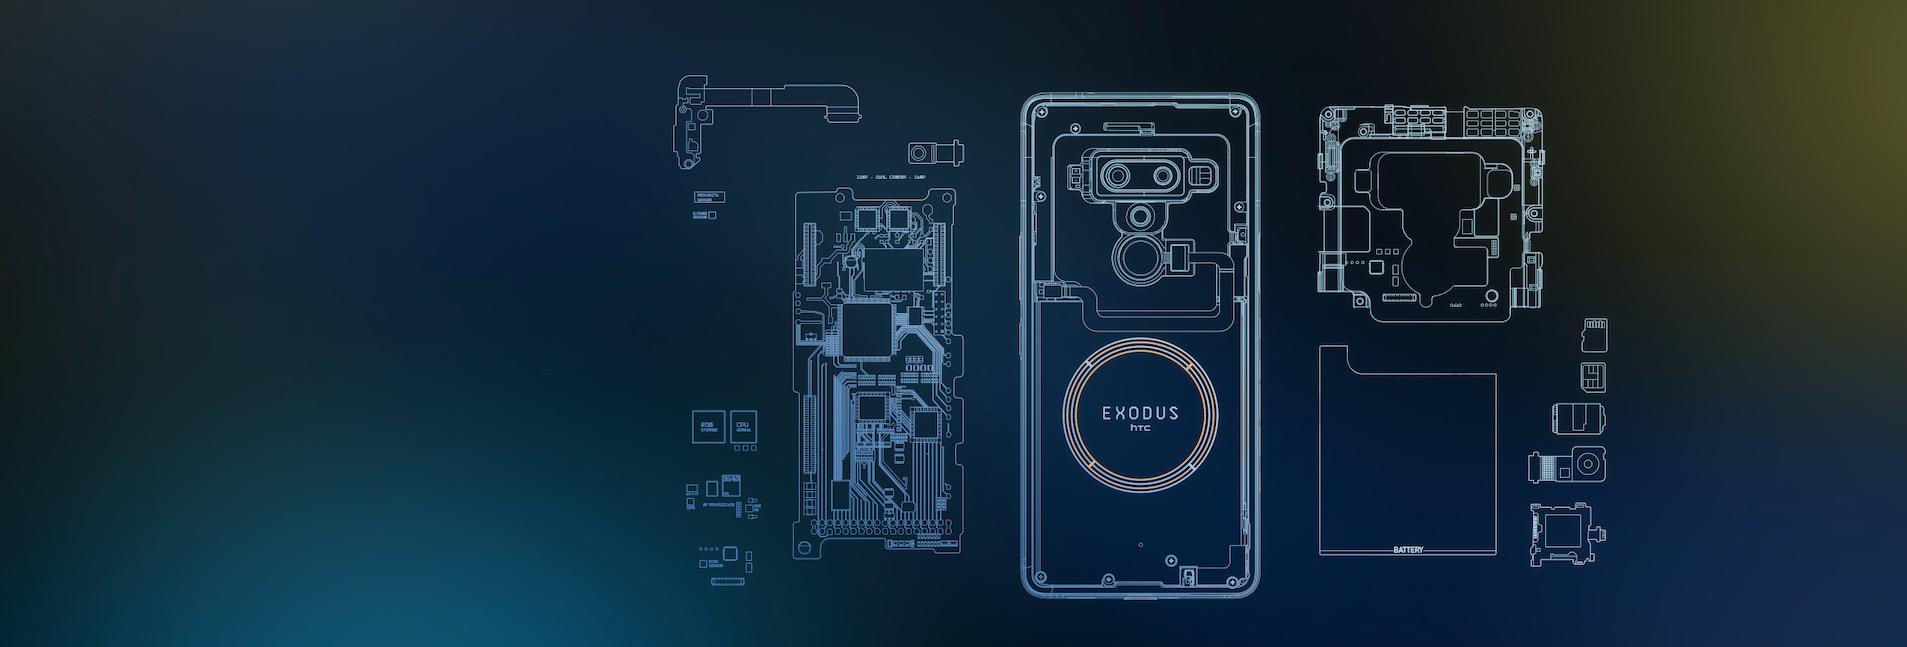 HTC Exodus 1 internals sketch